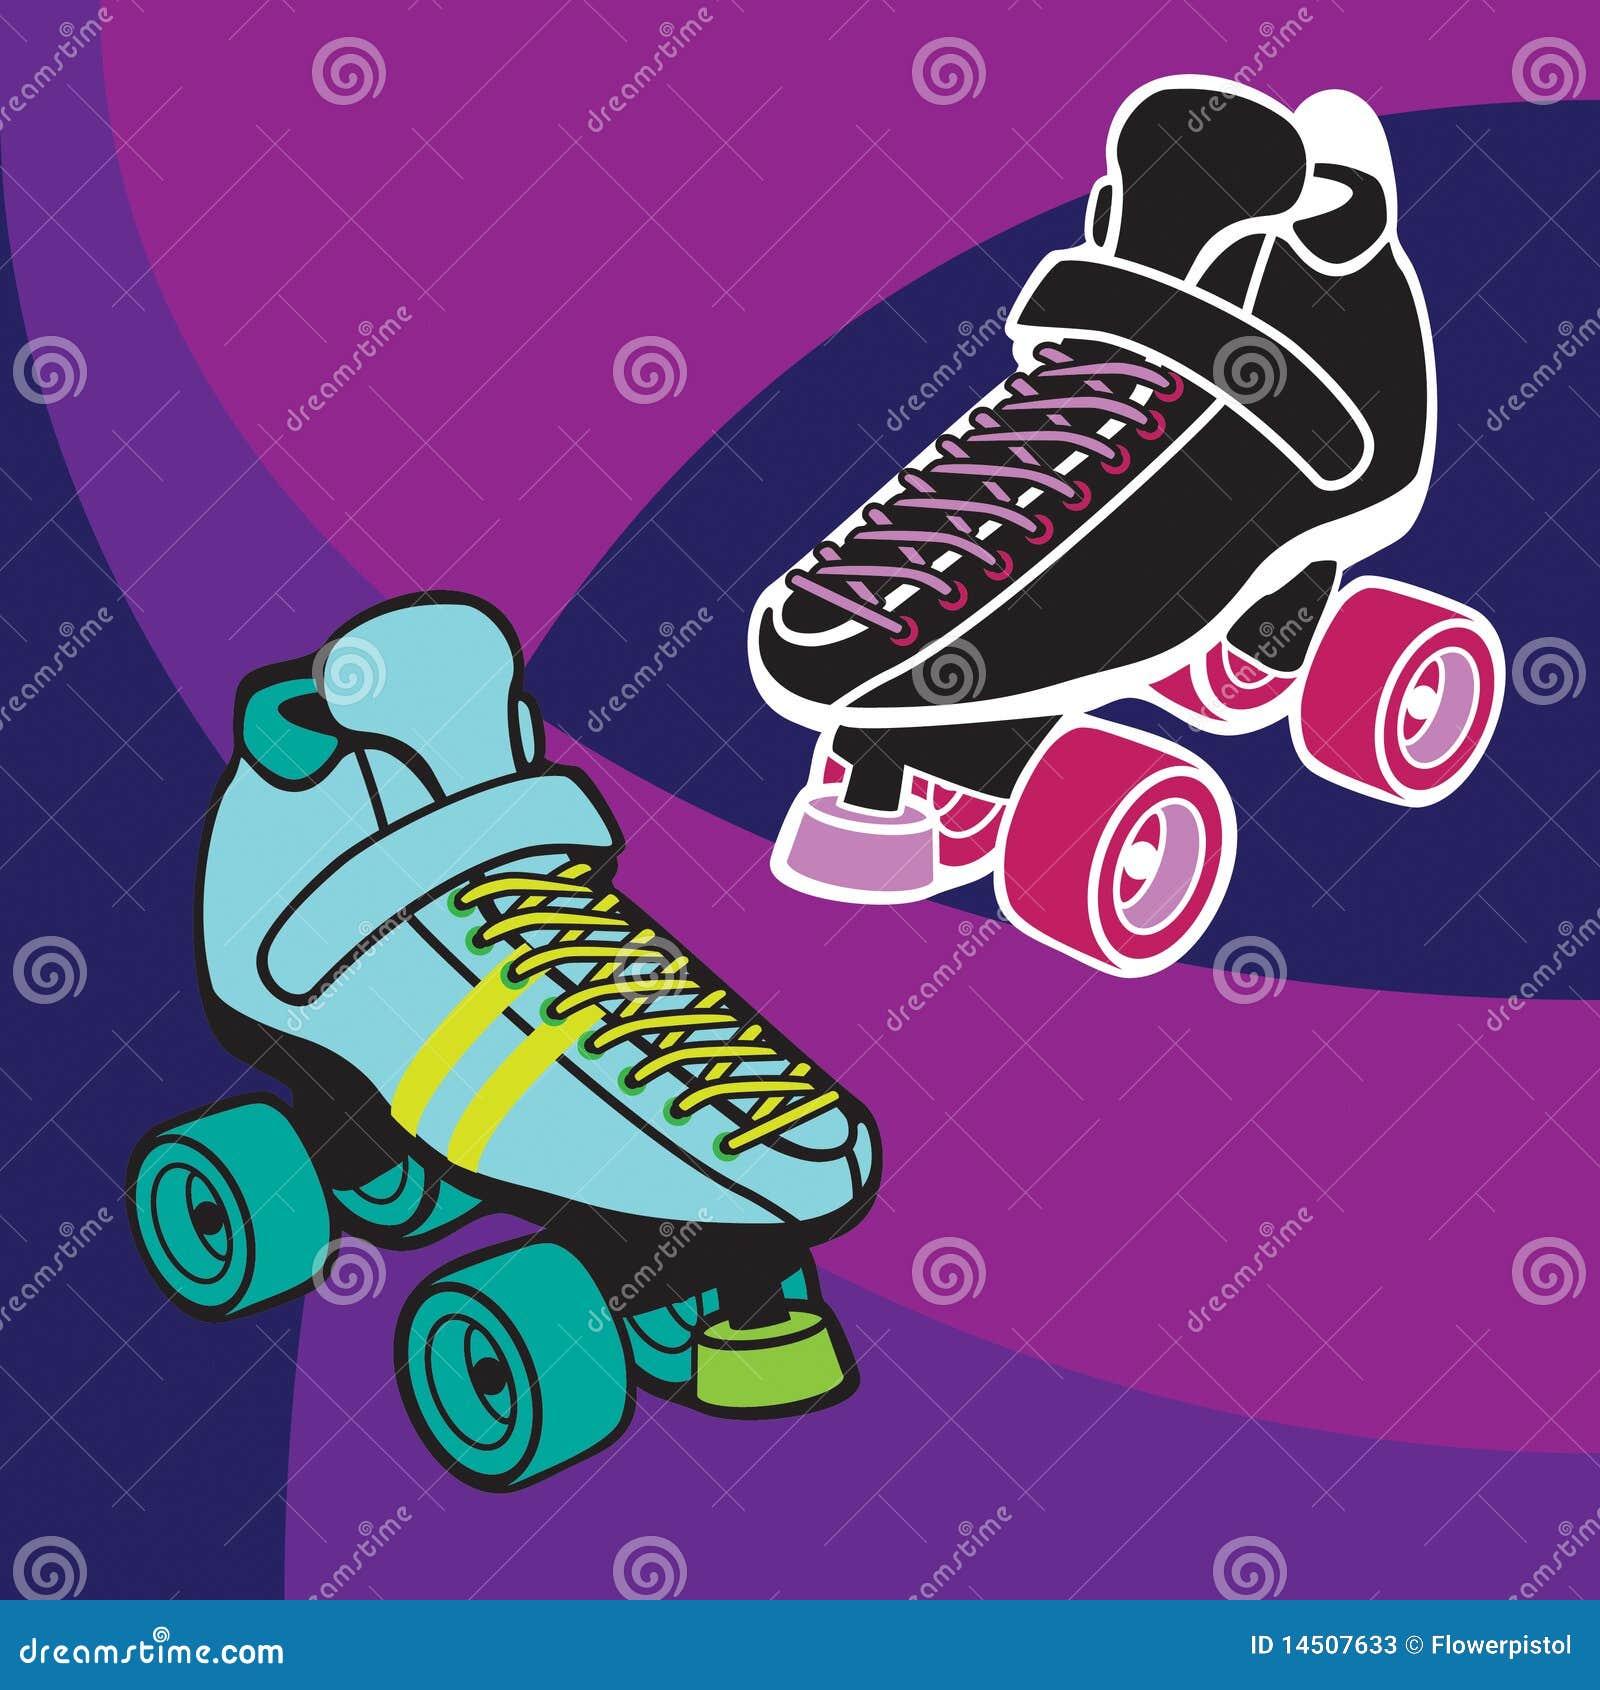 Roller Derby Skates st... Roller Derby Skate Drawing